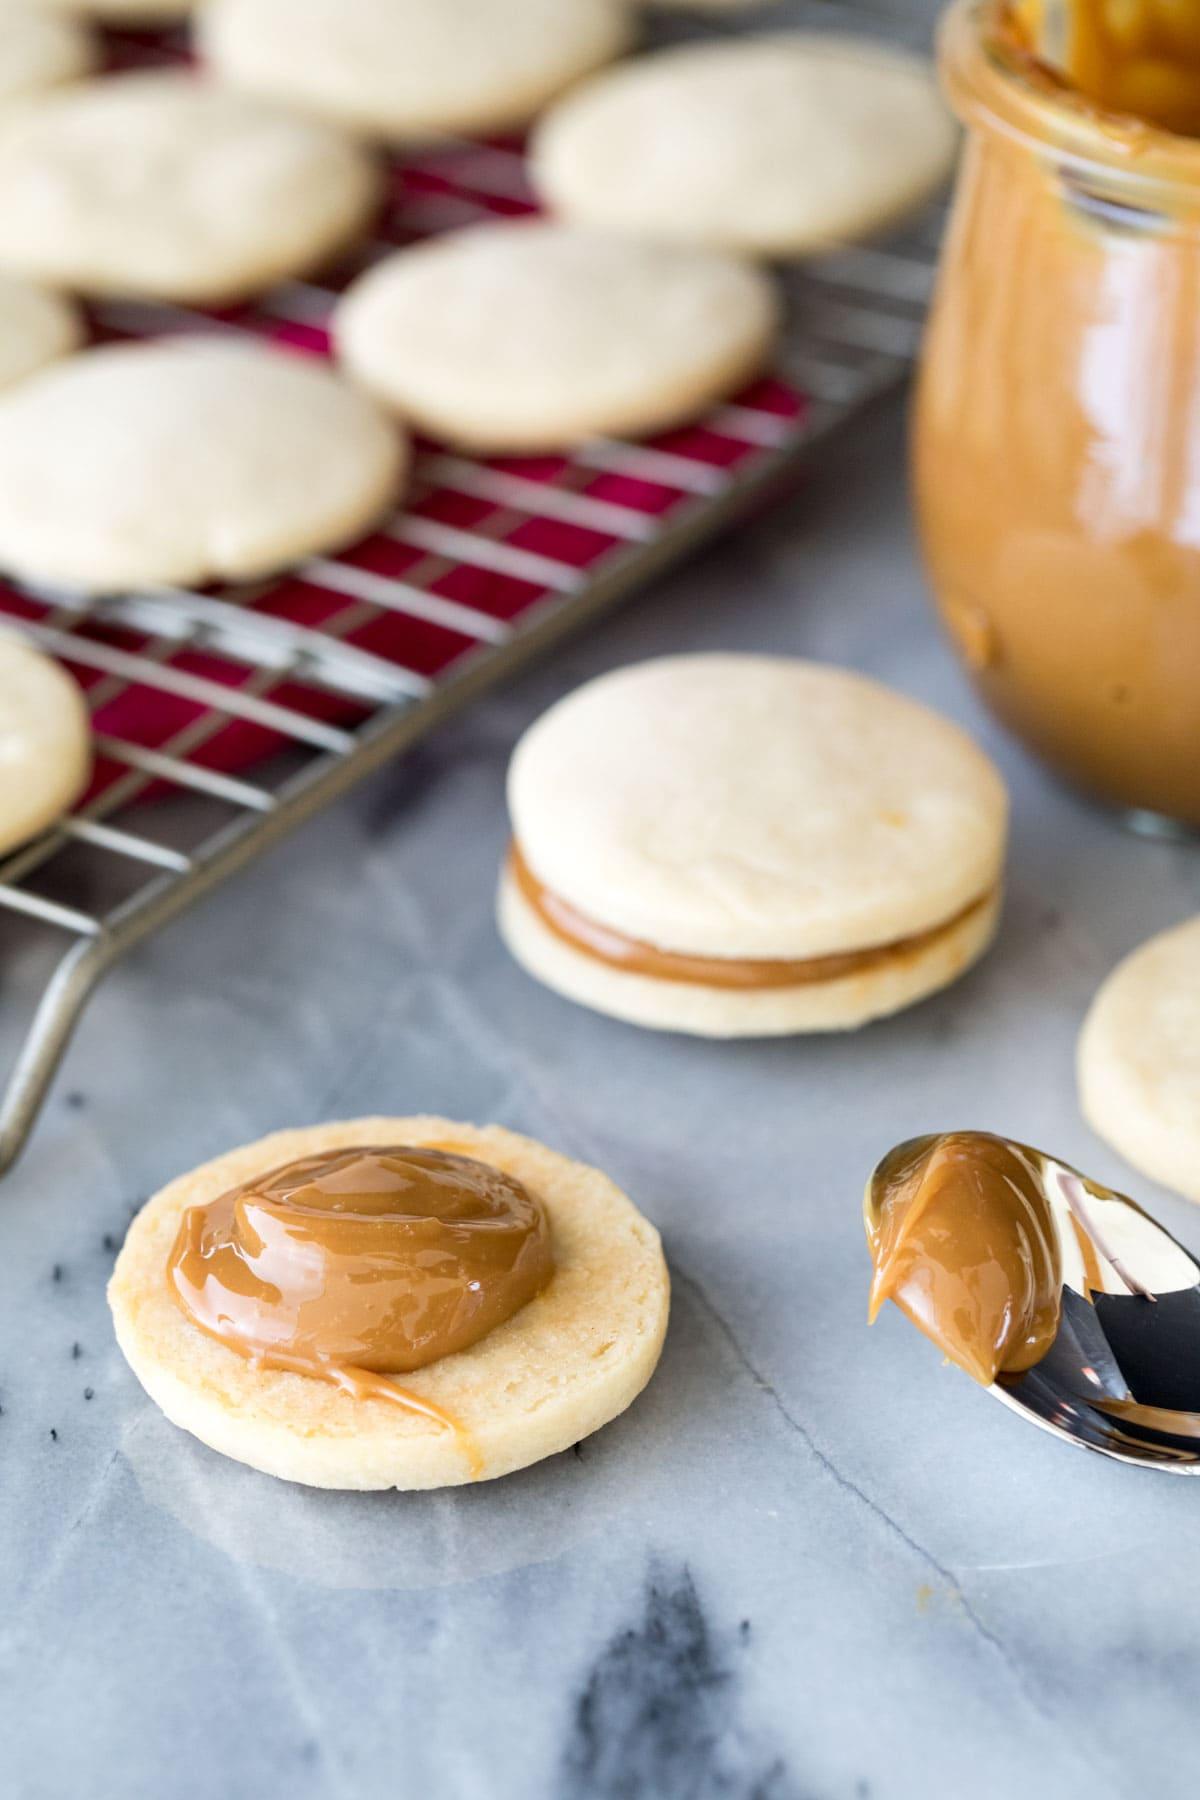 portioning dulce de leche into cookie half